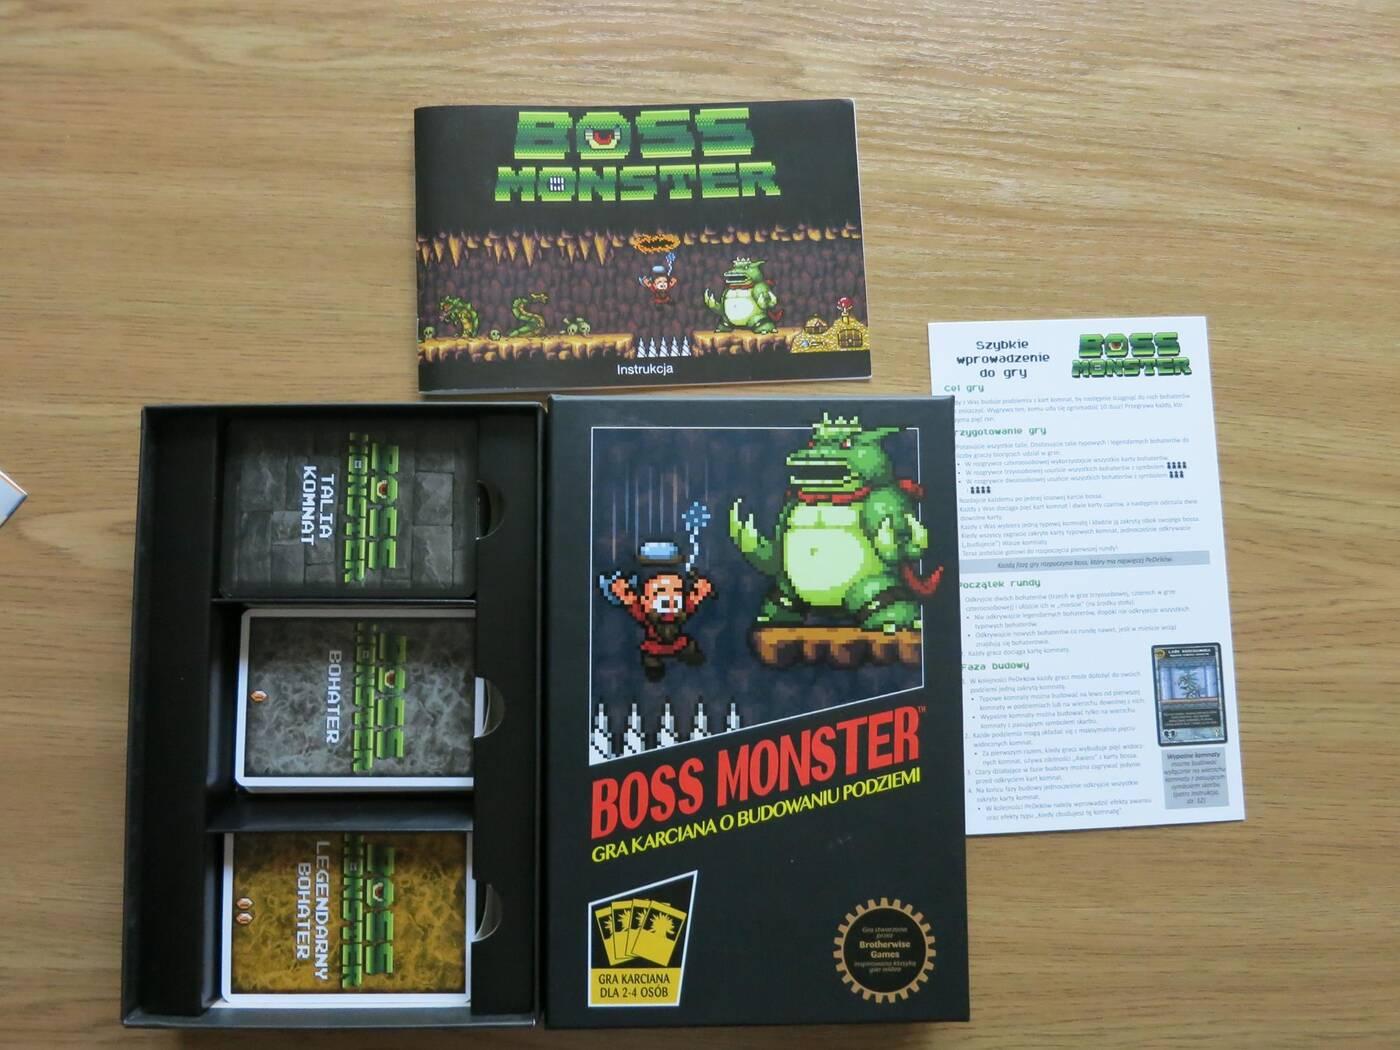 Boss Monster pudło